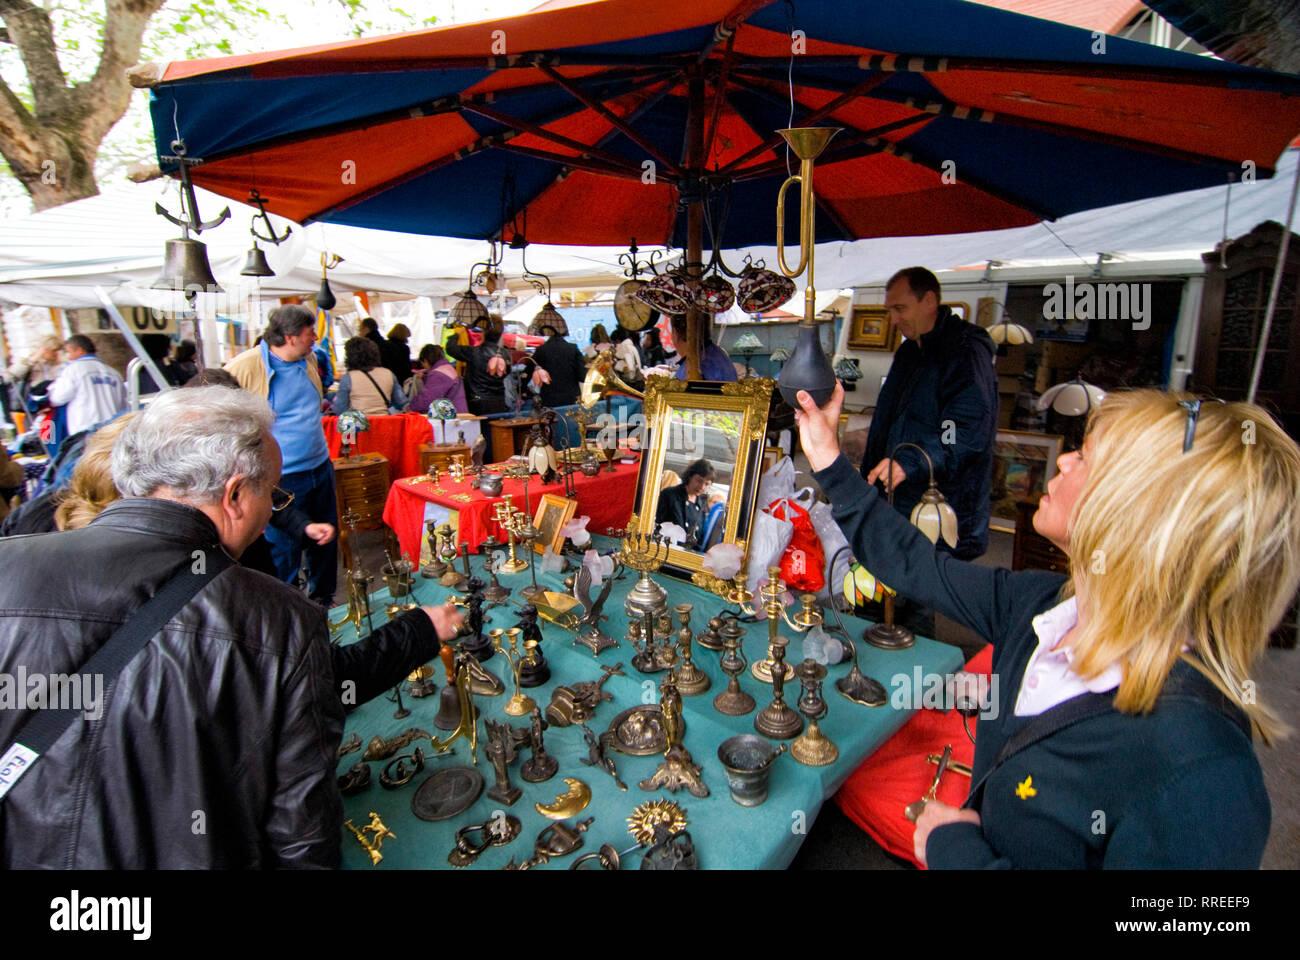 (c) Dirk A. Friedrich Im Stadtteil Trastevere befindet sich der bekannteste Markt Roms Porta Portes. Blonde Frau begutachtet ein Troete an einem Antiq - Stock Image